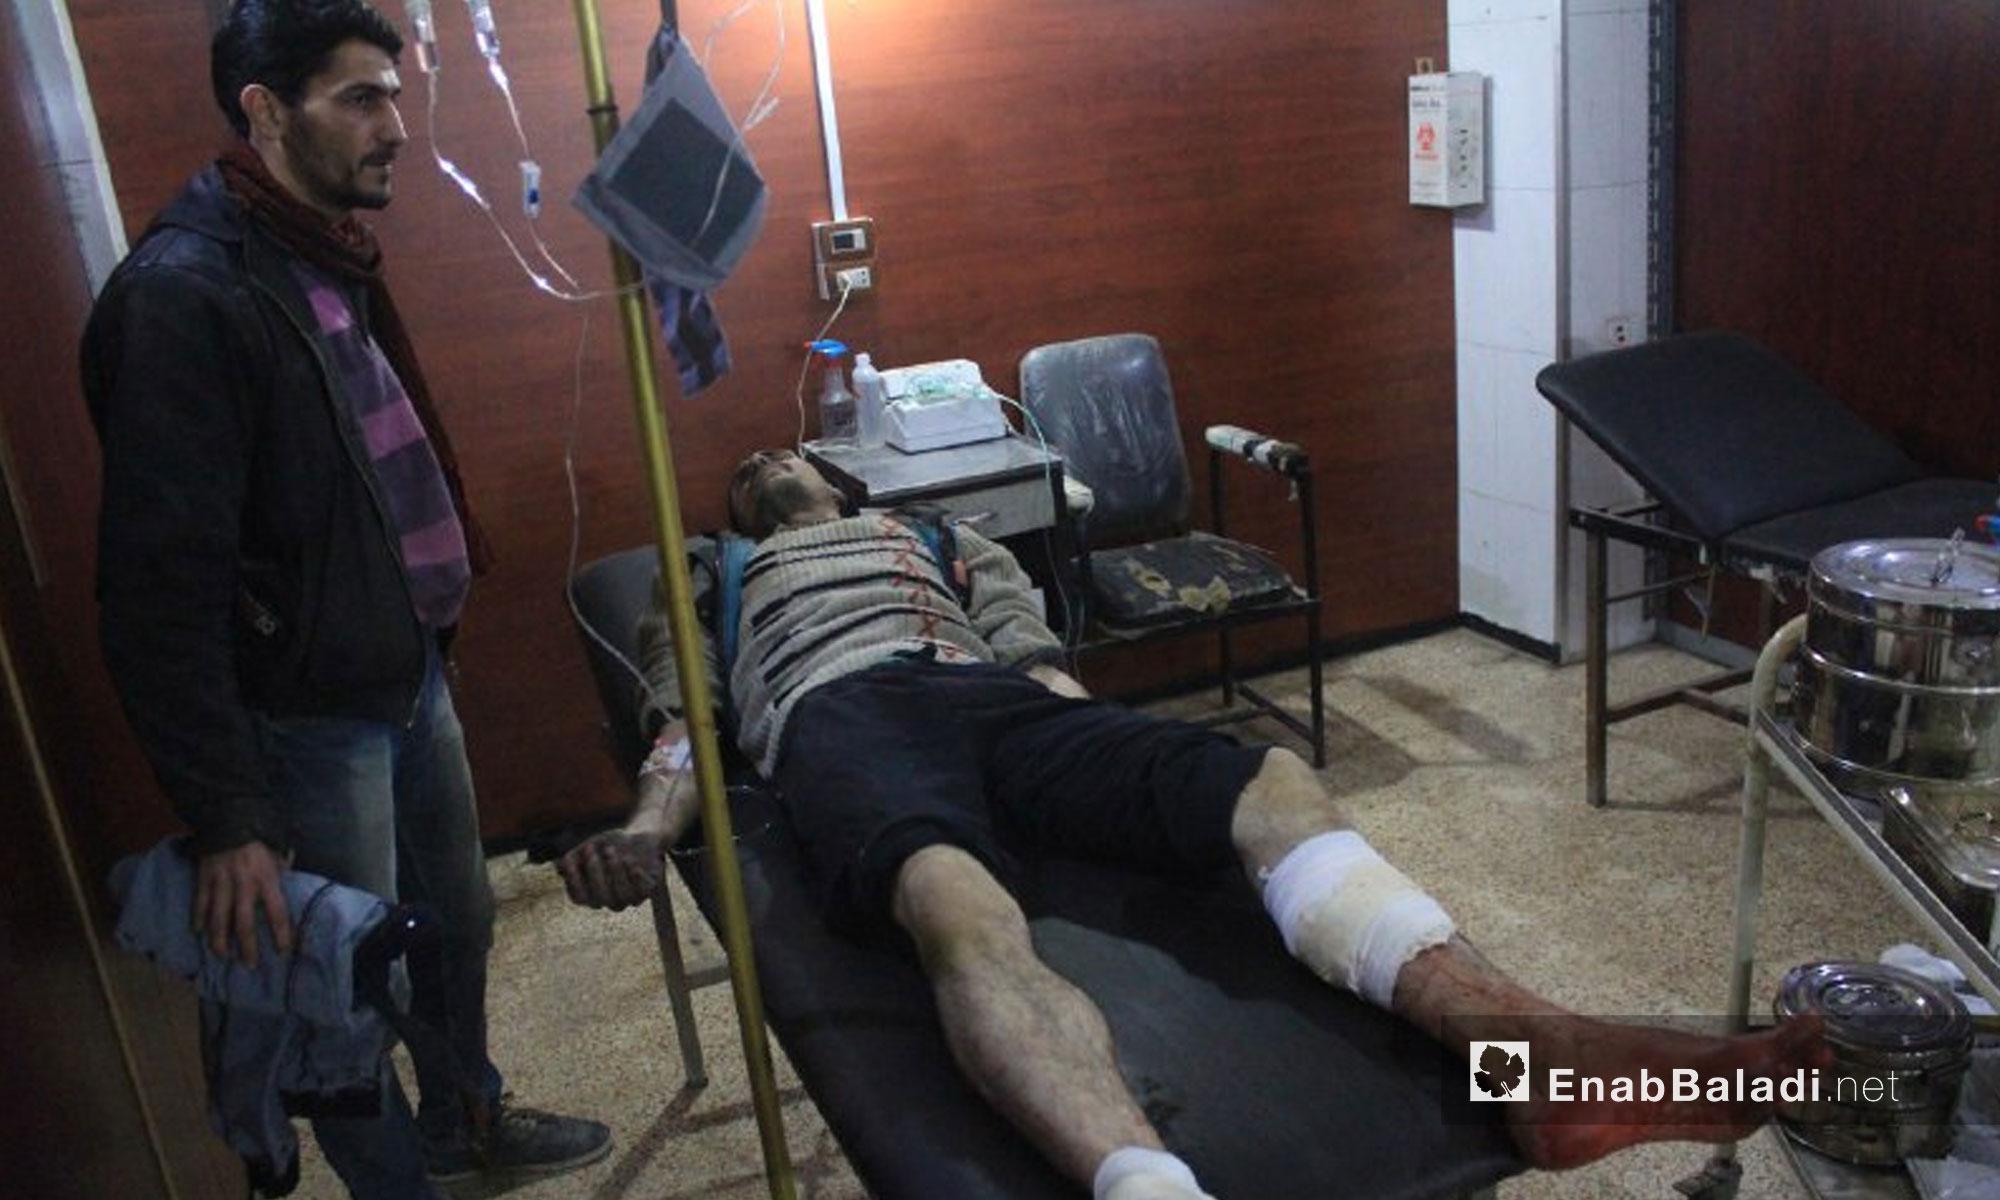 اسعاف المصابين نتيجة القصف على بلدة حمورية في الغوطة الشرقية - 7 شباط 2018 (عنب بلدي)